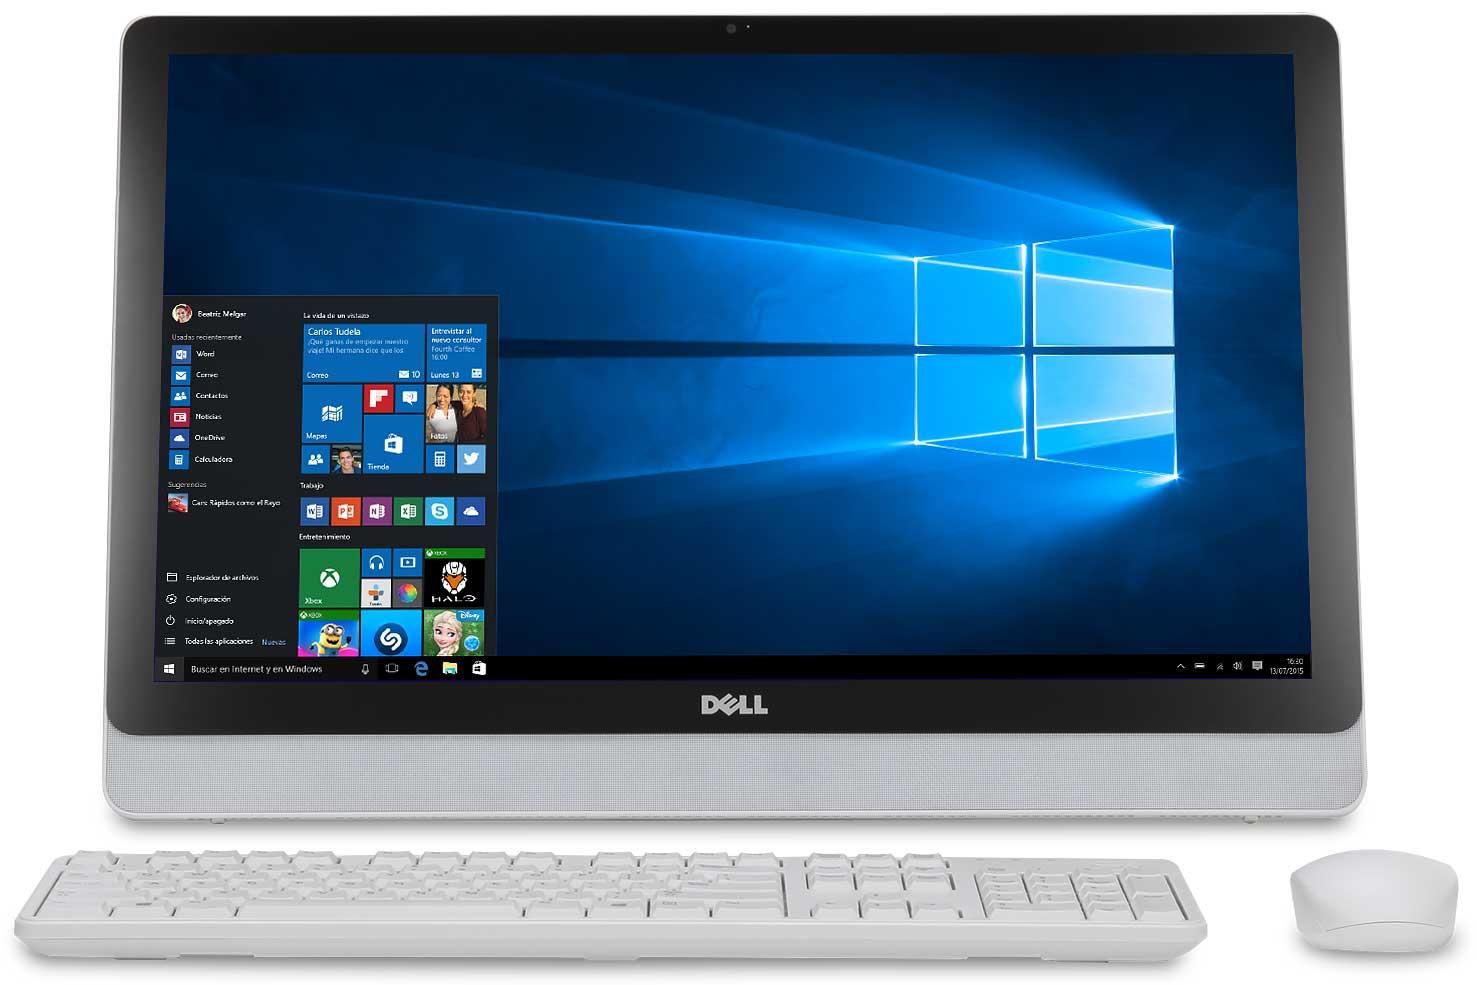 Dell Inspiron 24 serie 3000